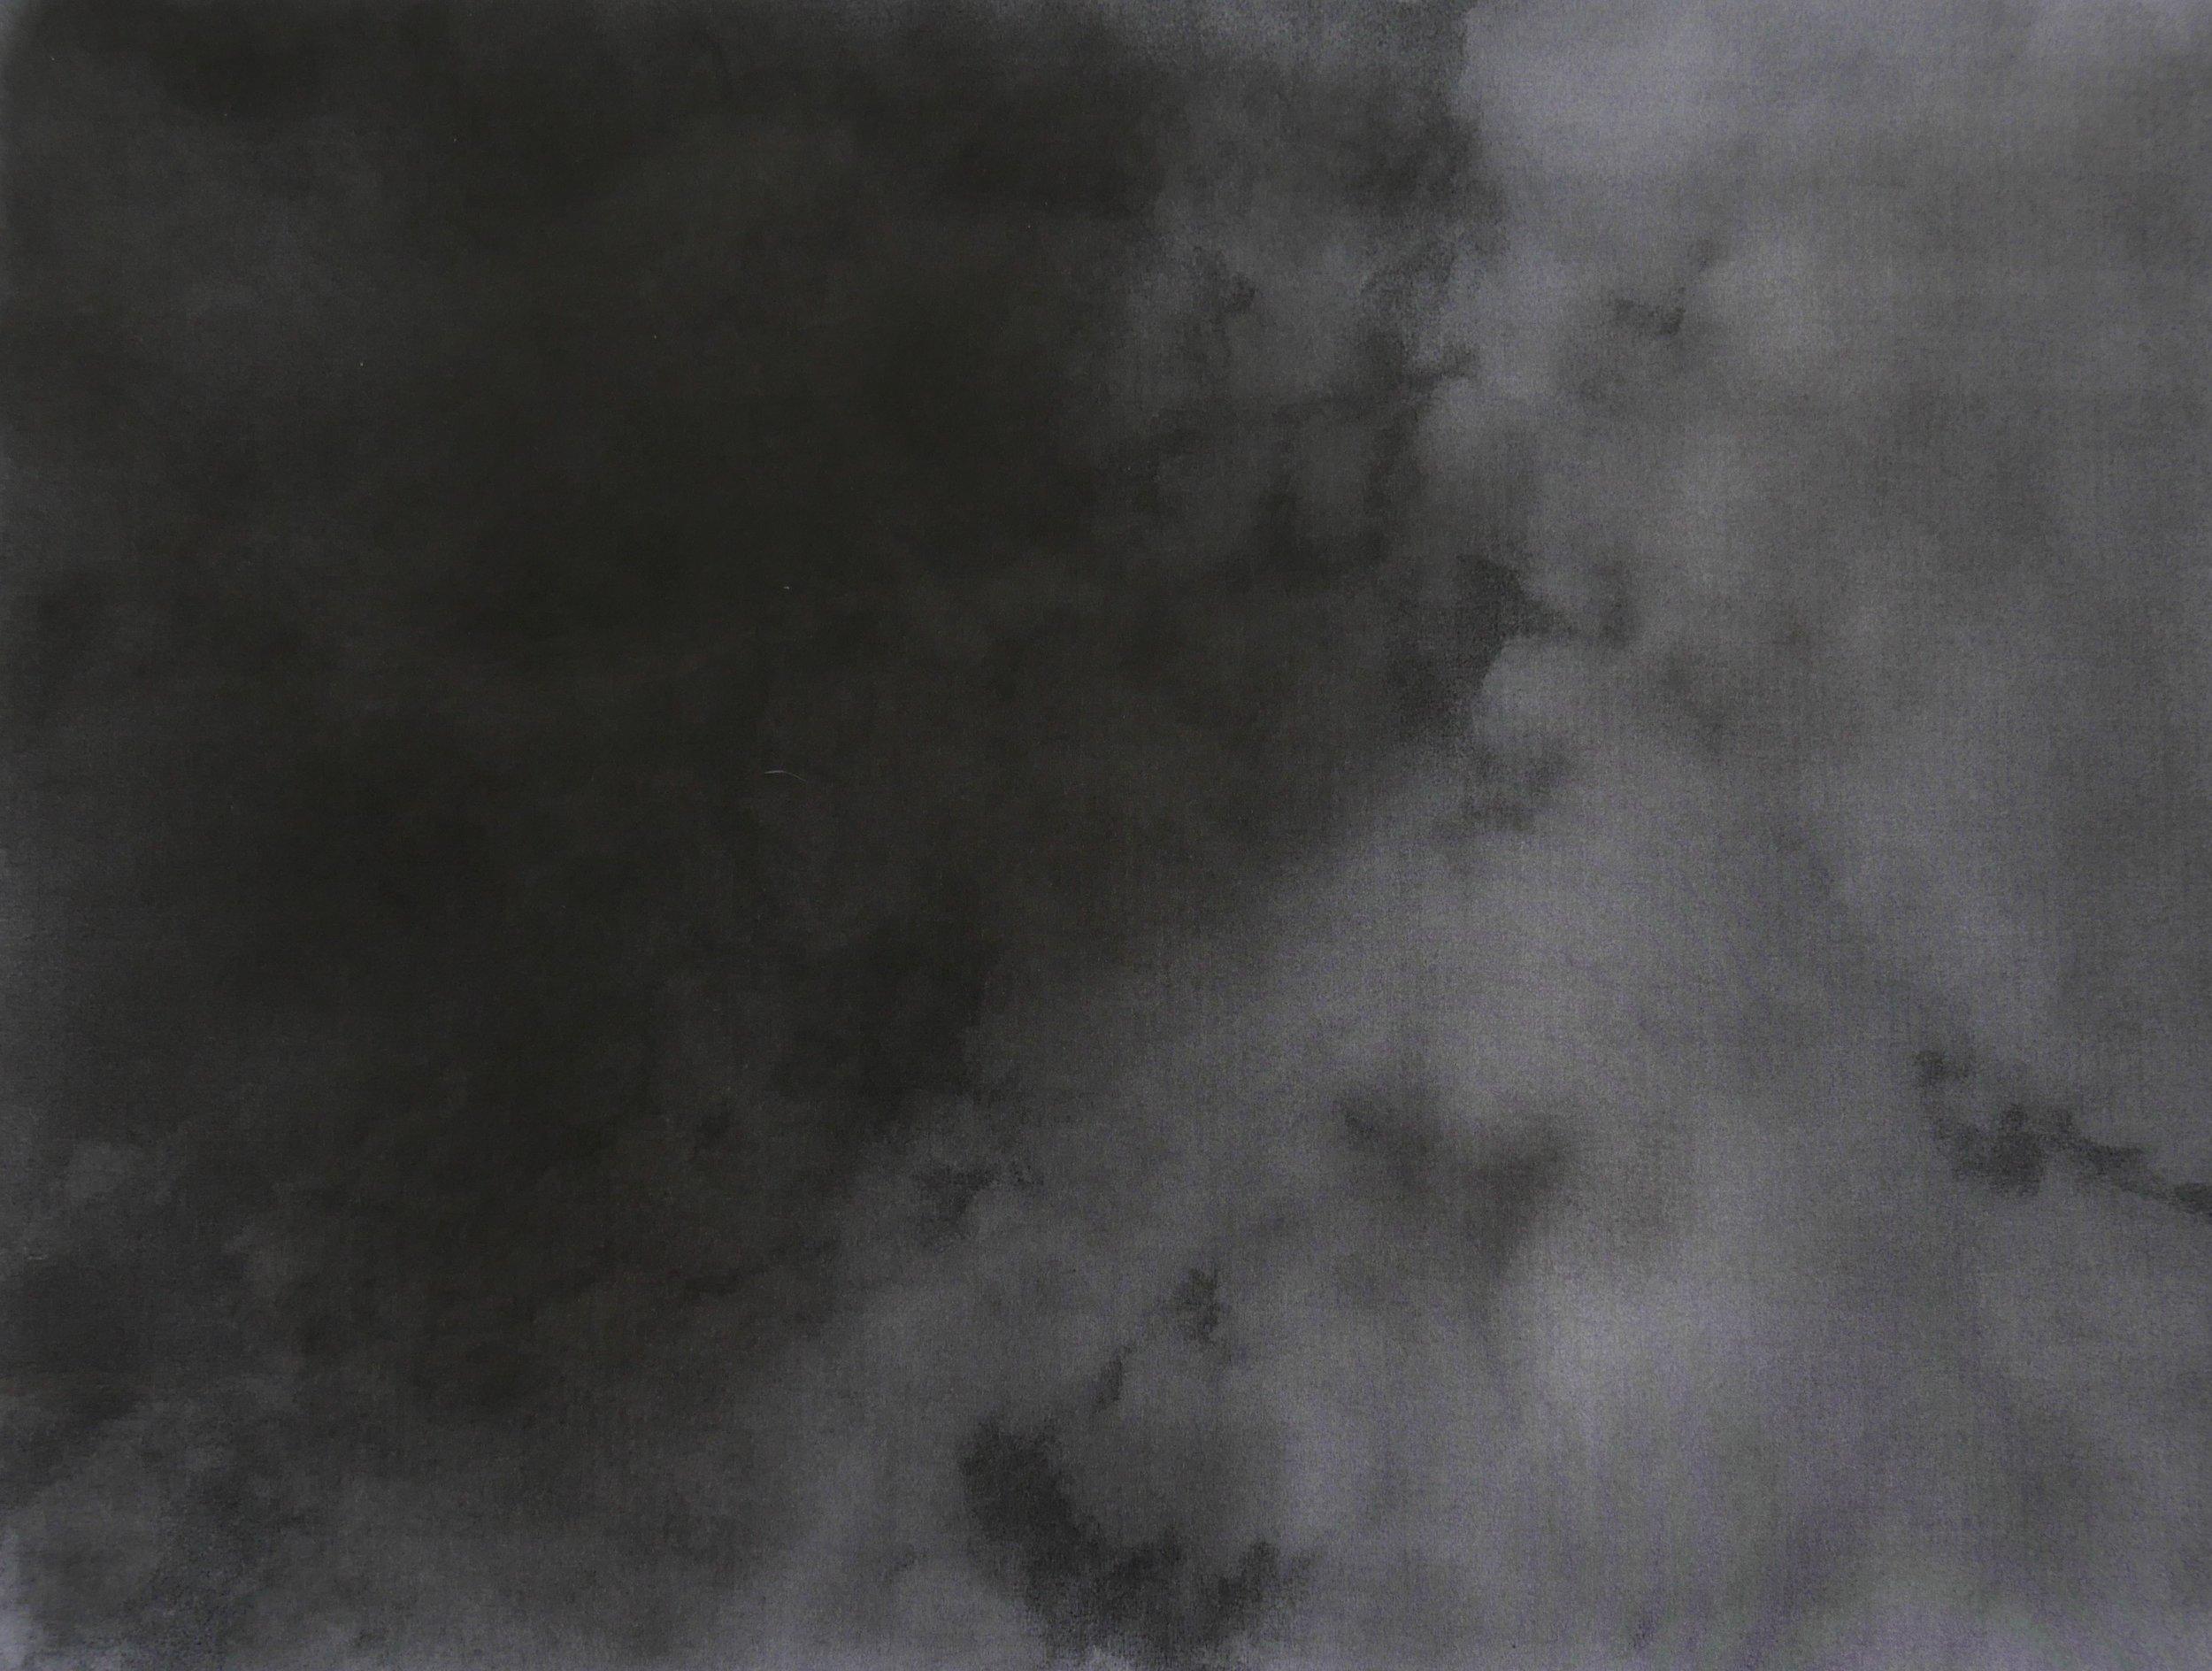 """Jean-Christophe Norman, """"Boomerang"""" (Rome), encre, graphite et pierre noire sur papier, 29,7x42 cm, 2017."""